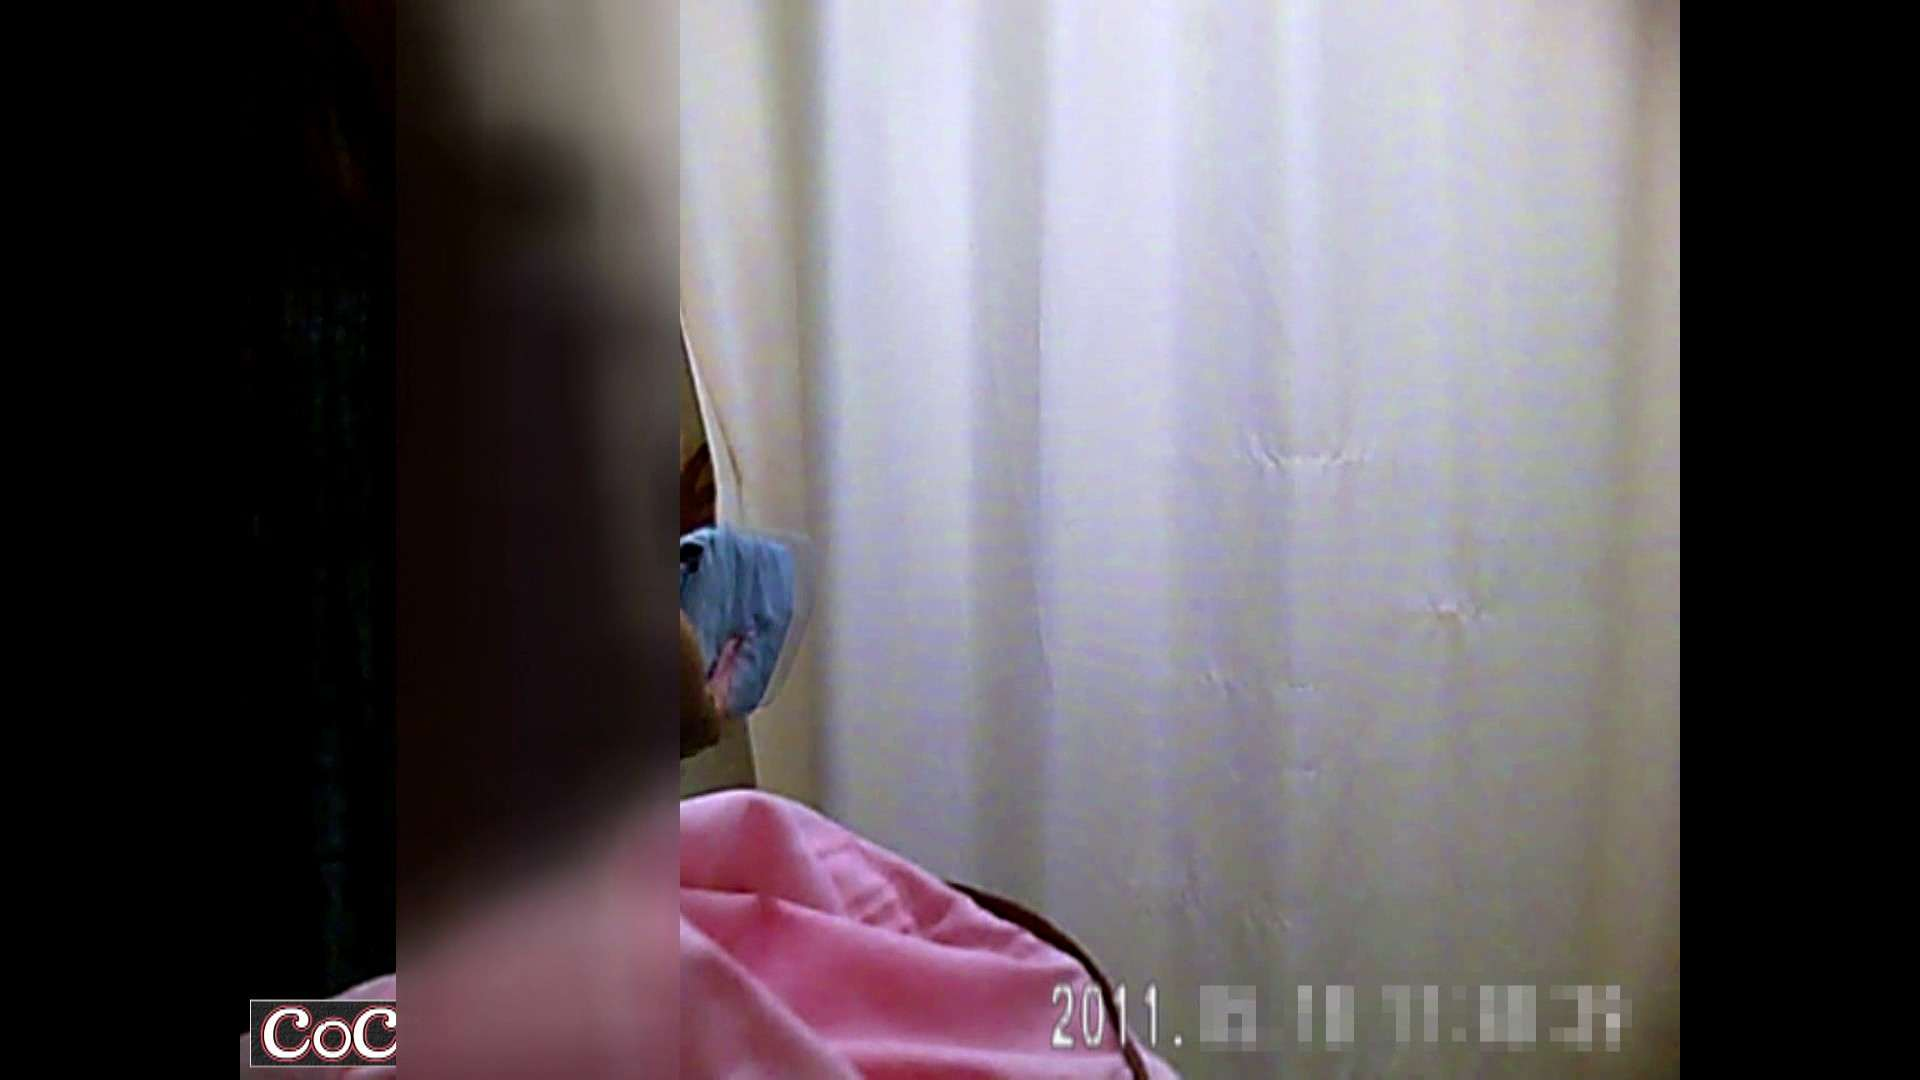 病院おもいっきり着替え! vol.124 乳首 おめこ無修正画像 103pic 89